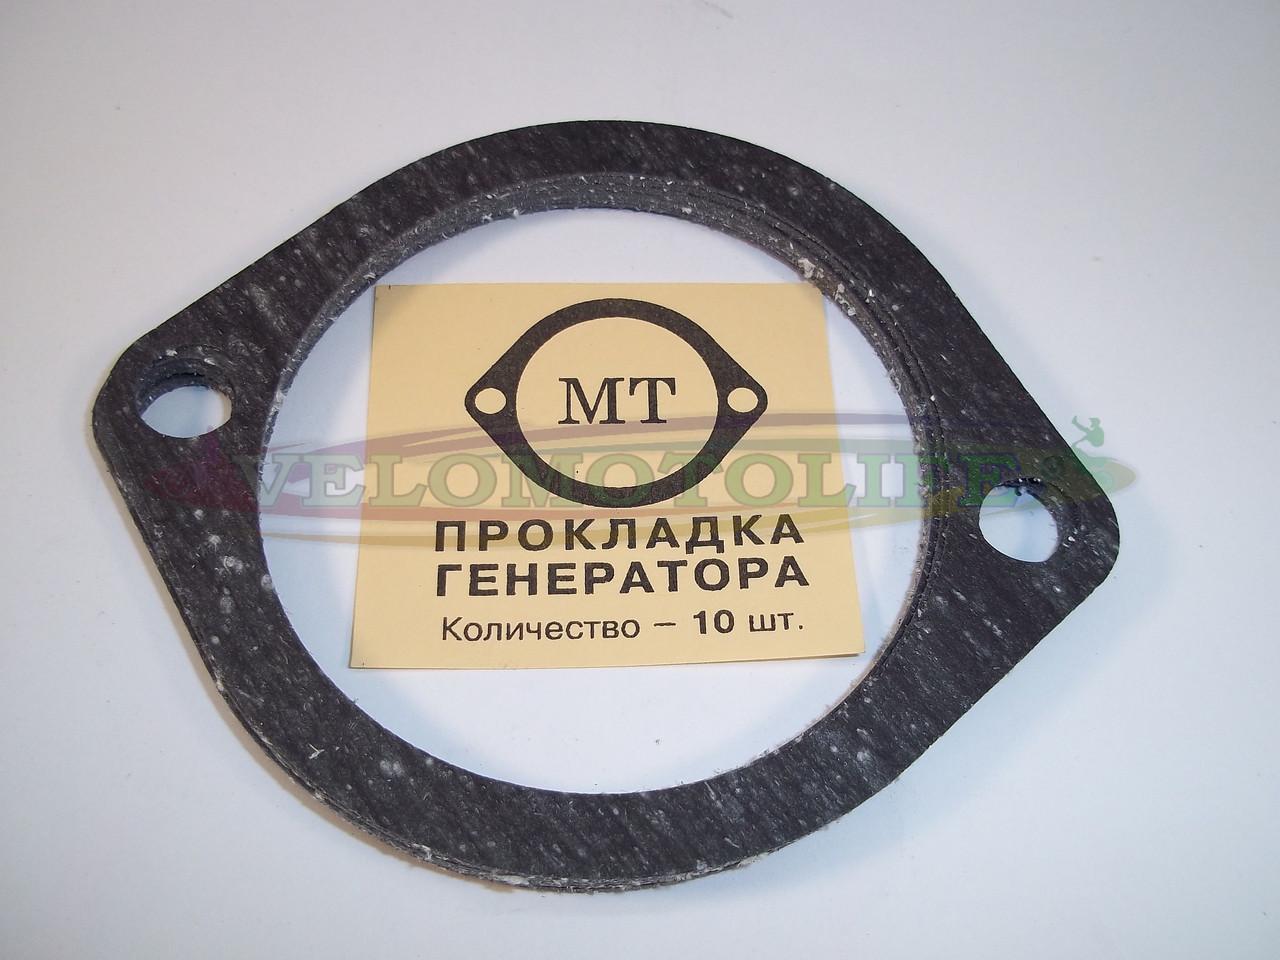 """Прокладка генератора """"МТ"""""""